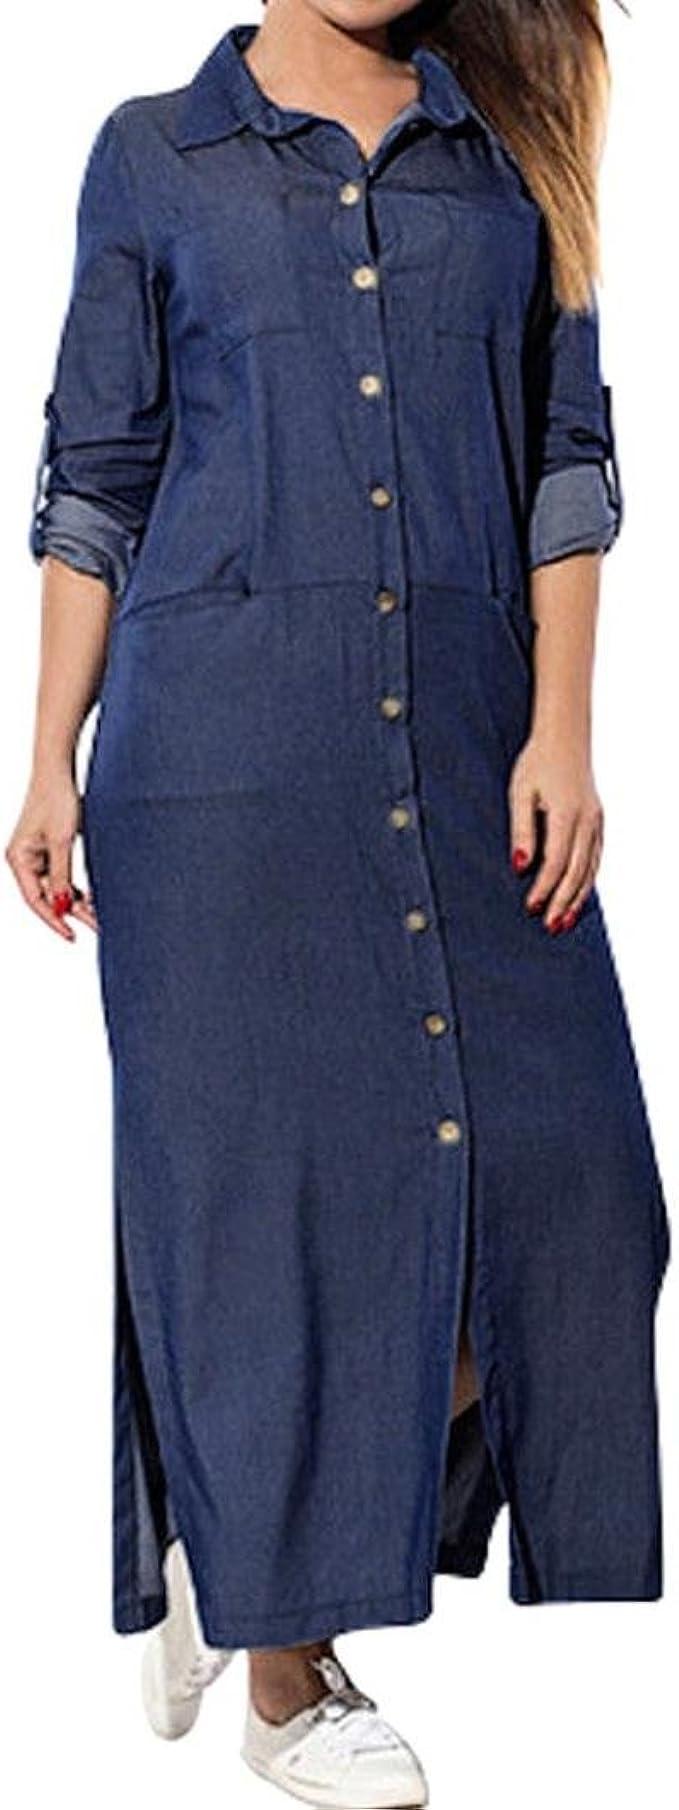 Hmlai Long Denim Dress, Women Fashion Side Split Long Sleeve Button Down Maxi Shirt Dress Plus Size